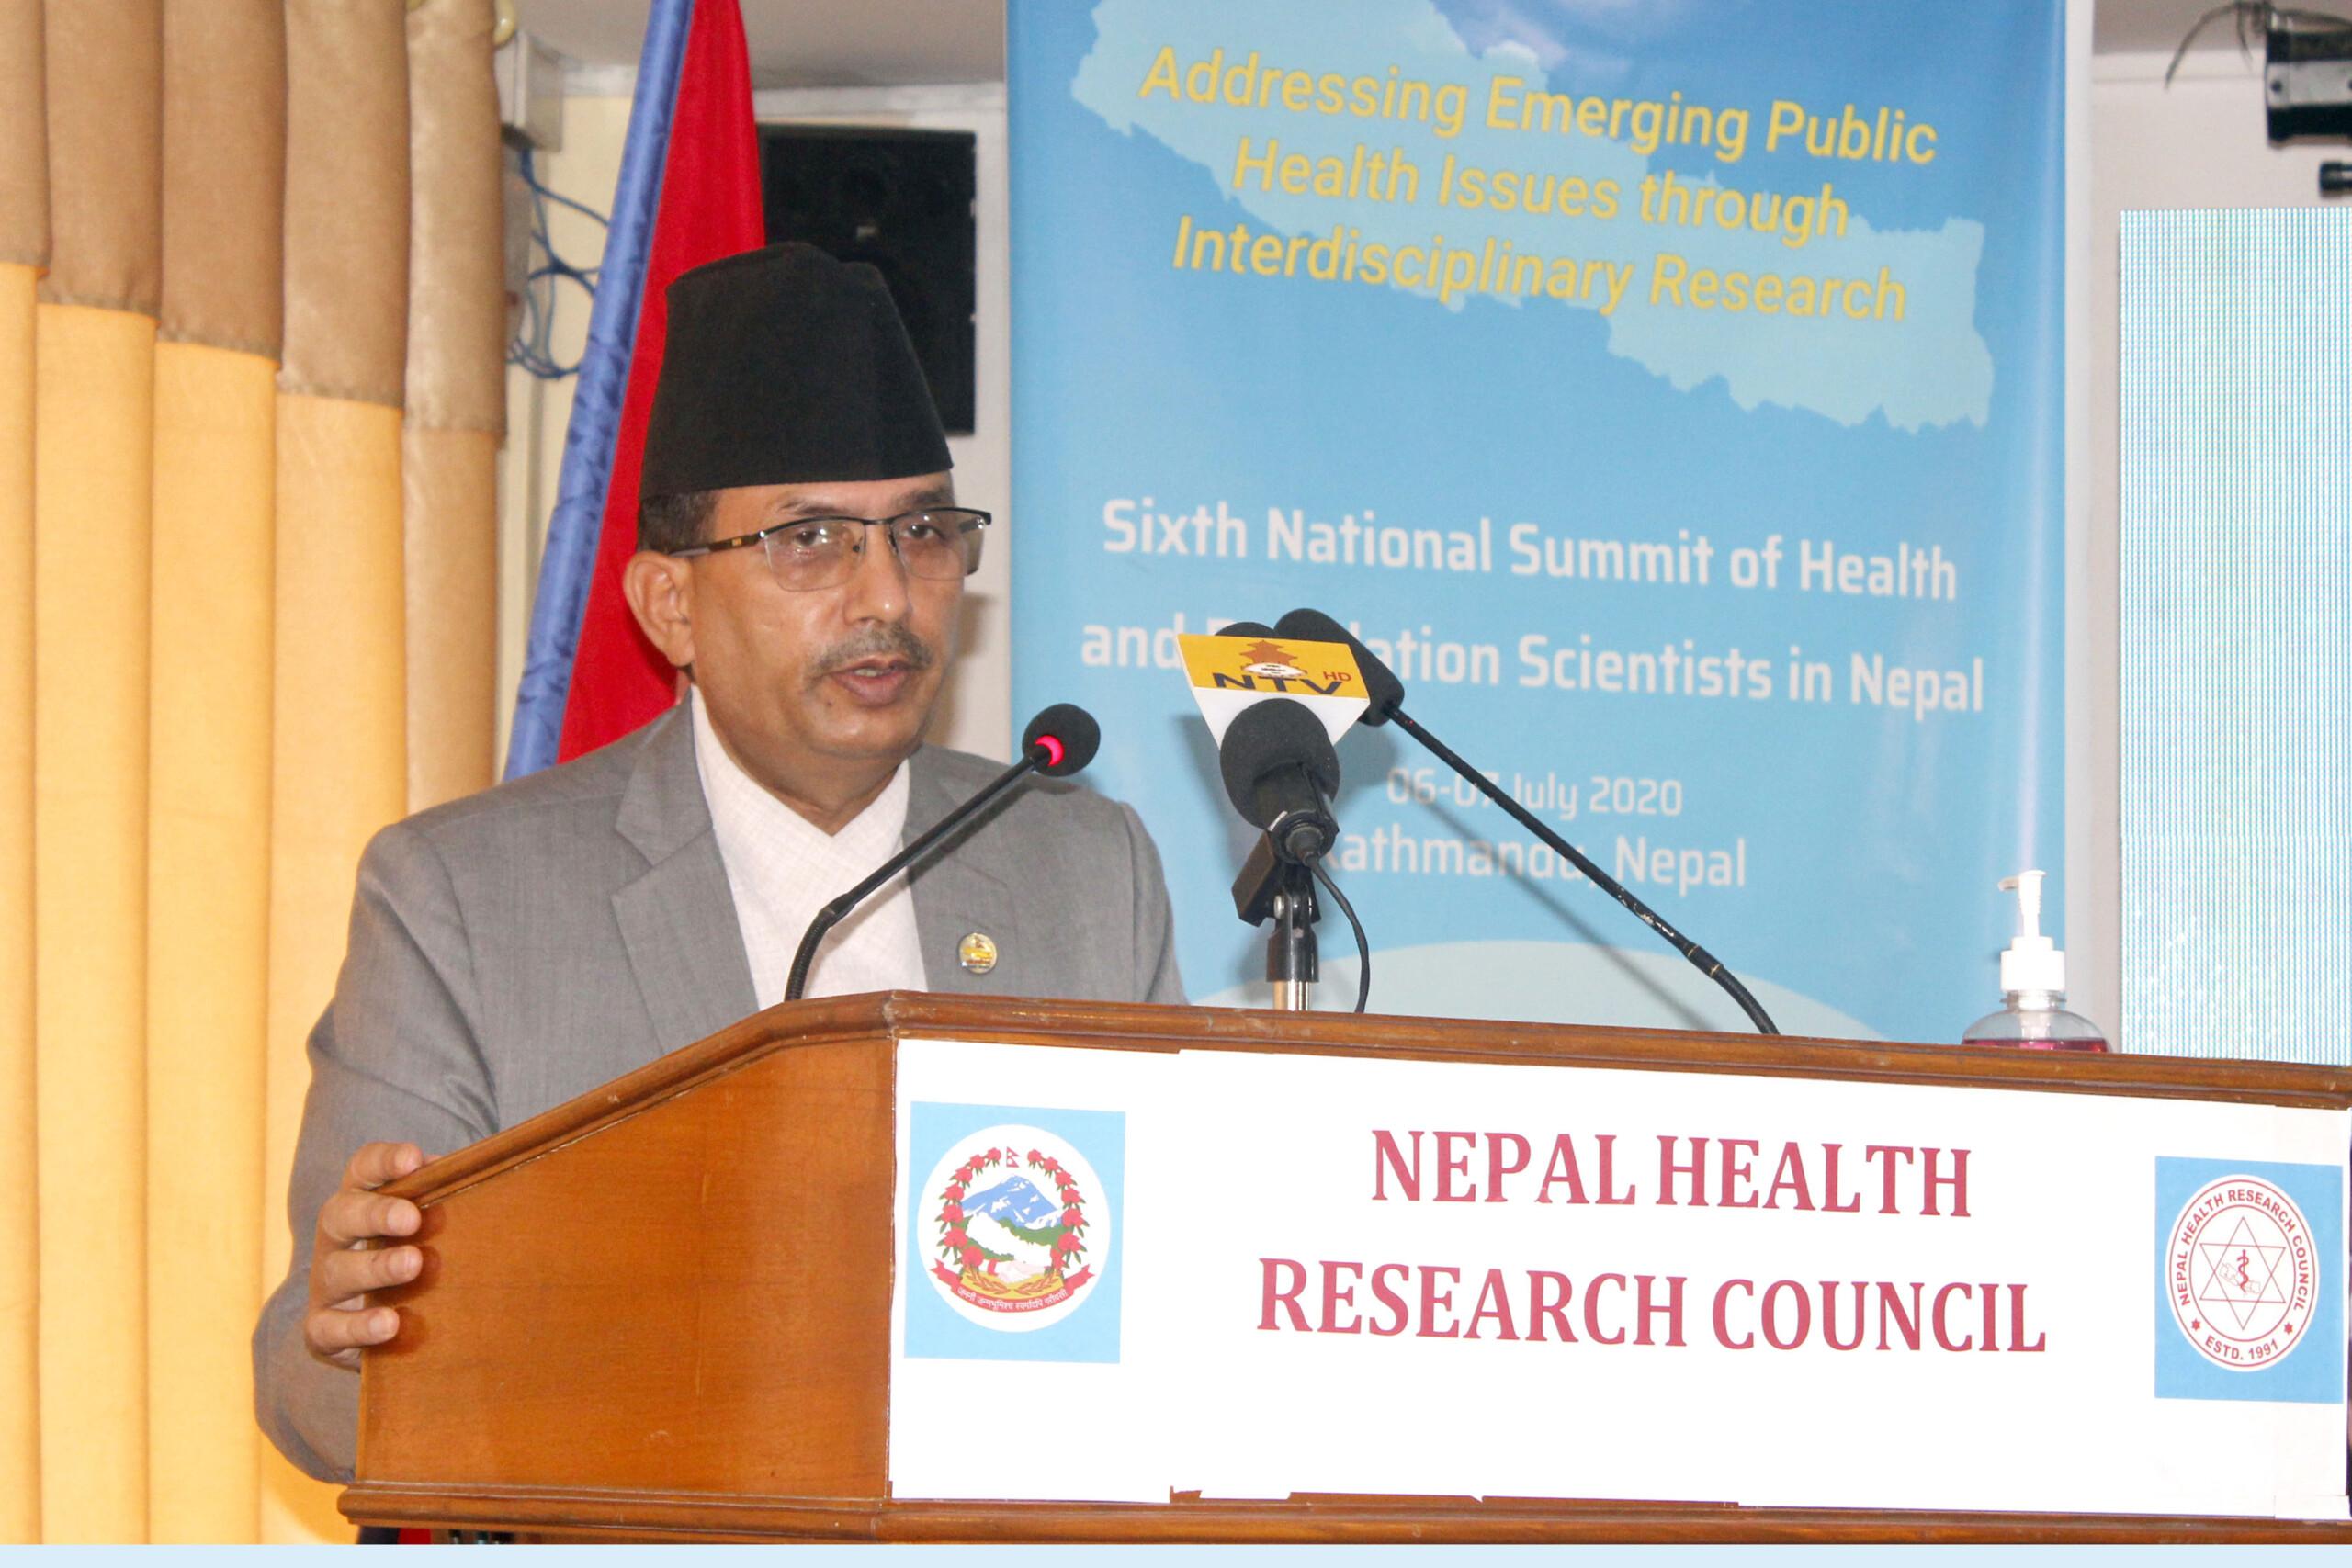 स्वास्थ्य सेवामा समान पहुँच वृद्धिका लागि अनुसन्धान आवश्यक – मन्त्री ढकाल